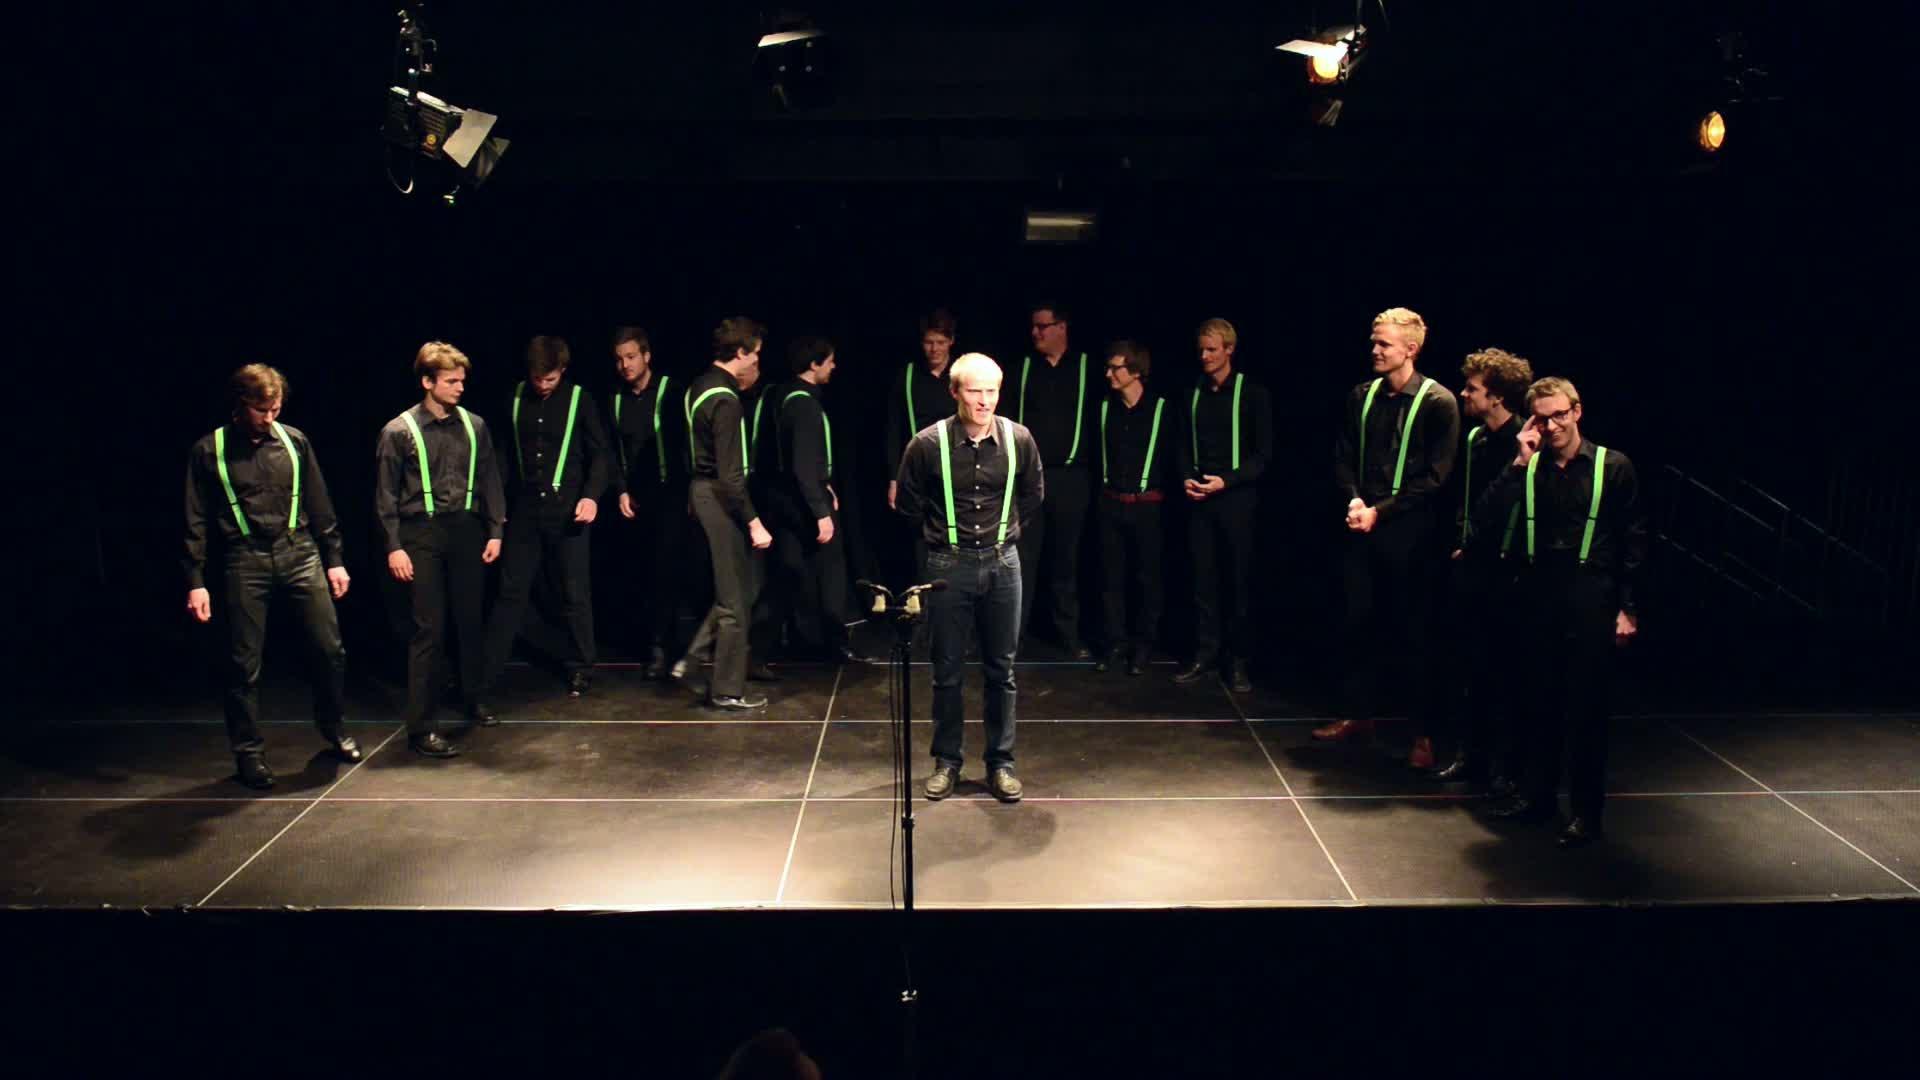 Korkonsert vår '14: I wanna be like you